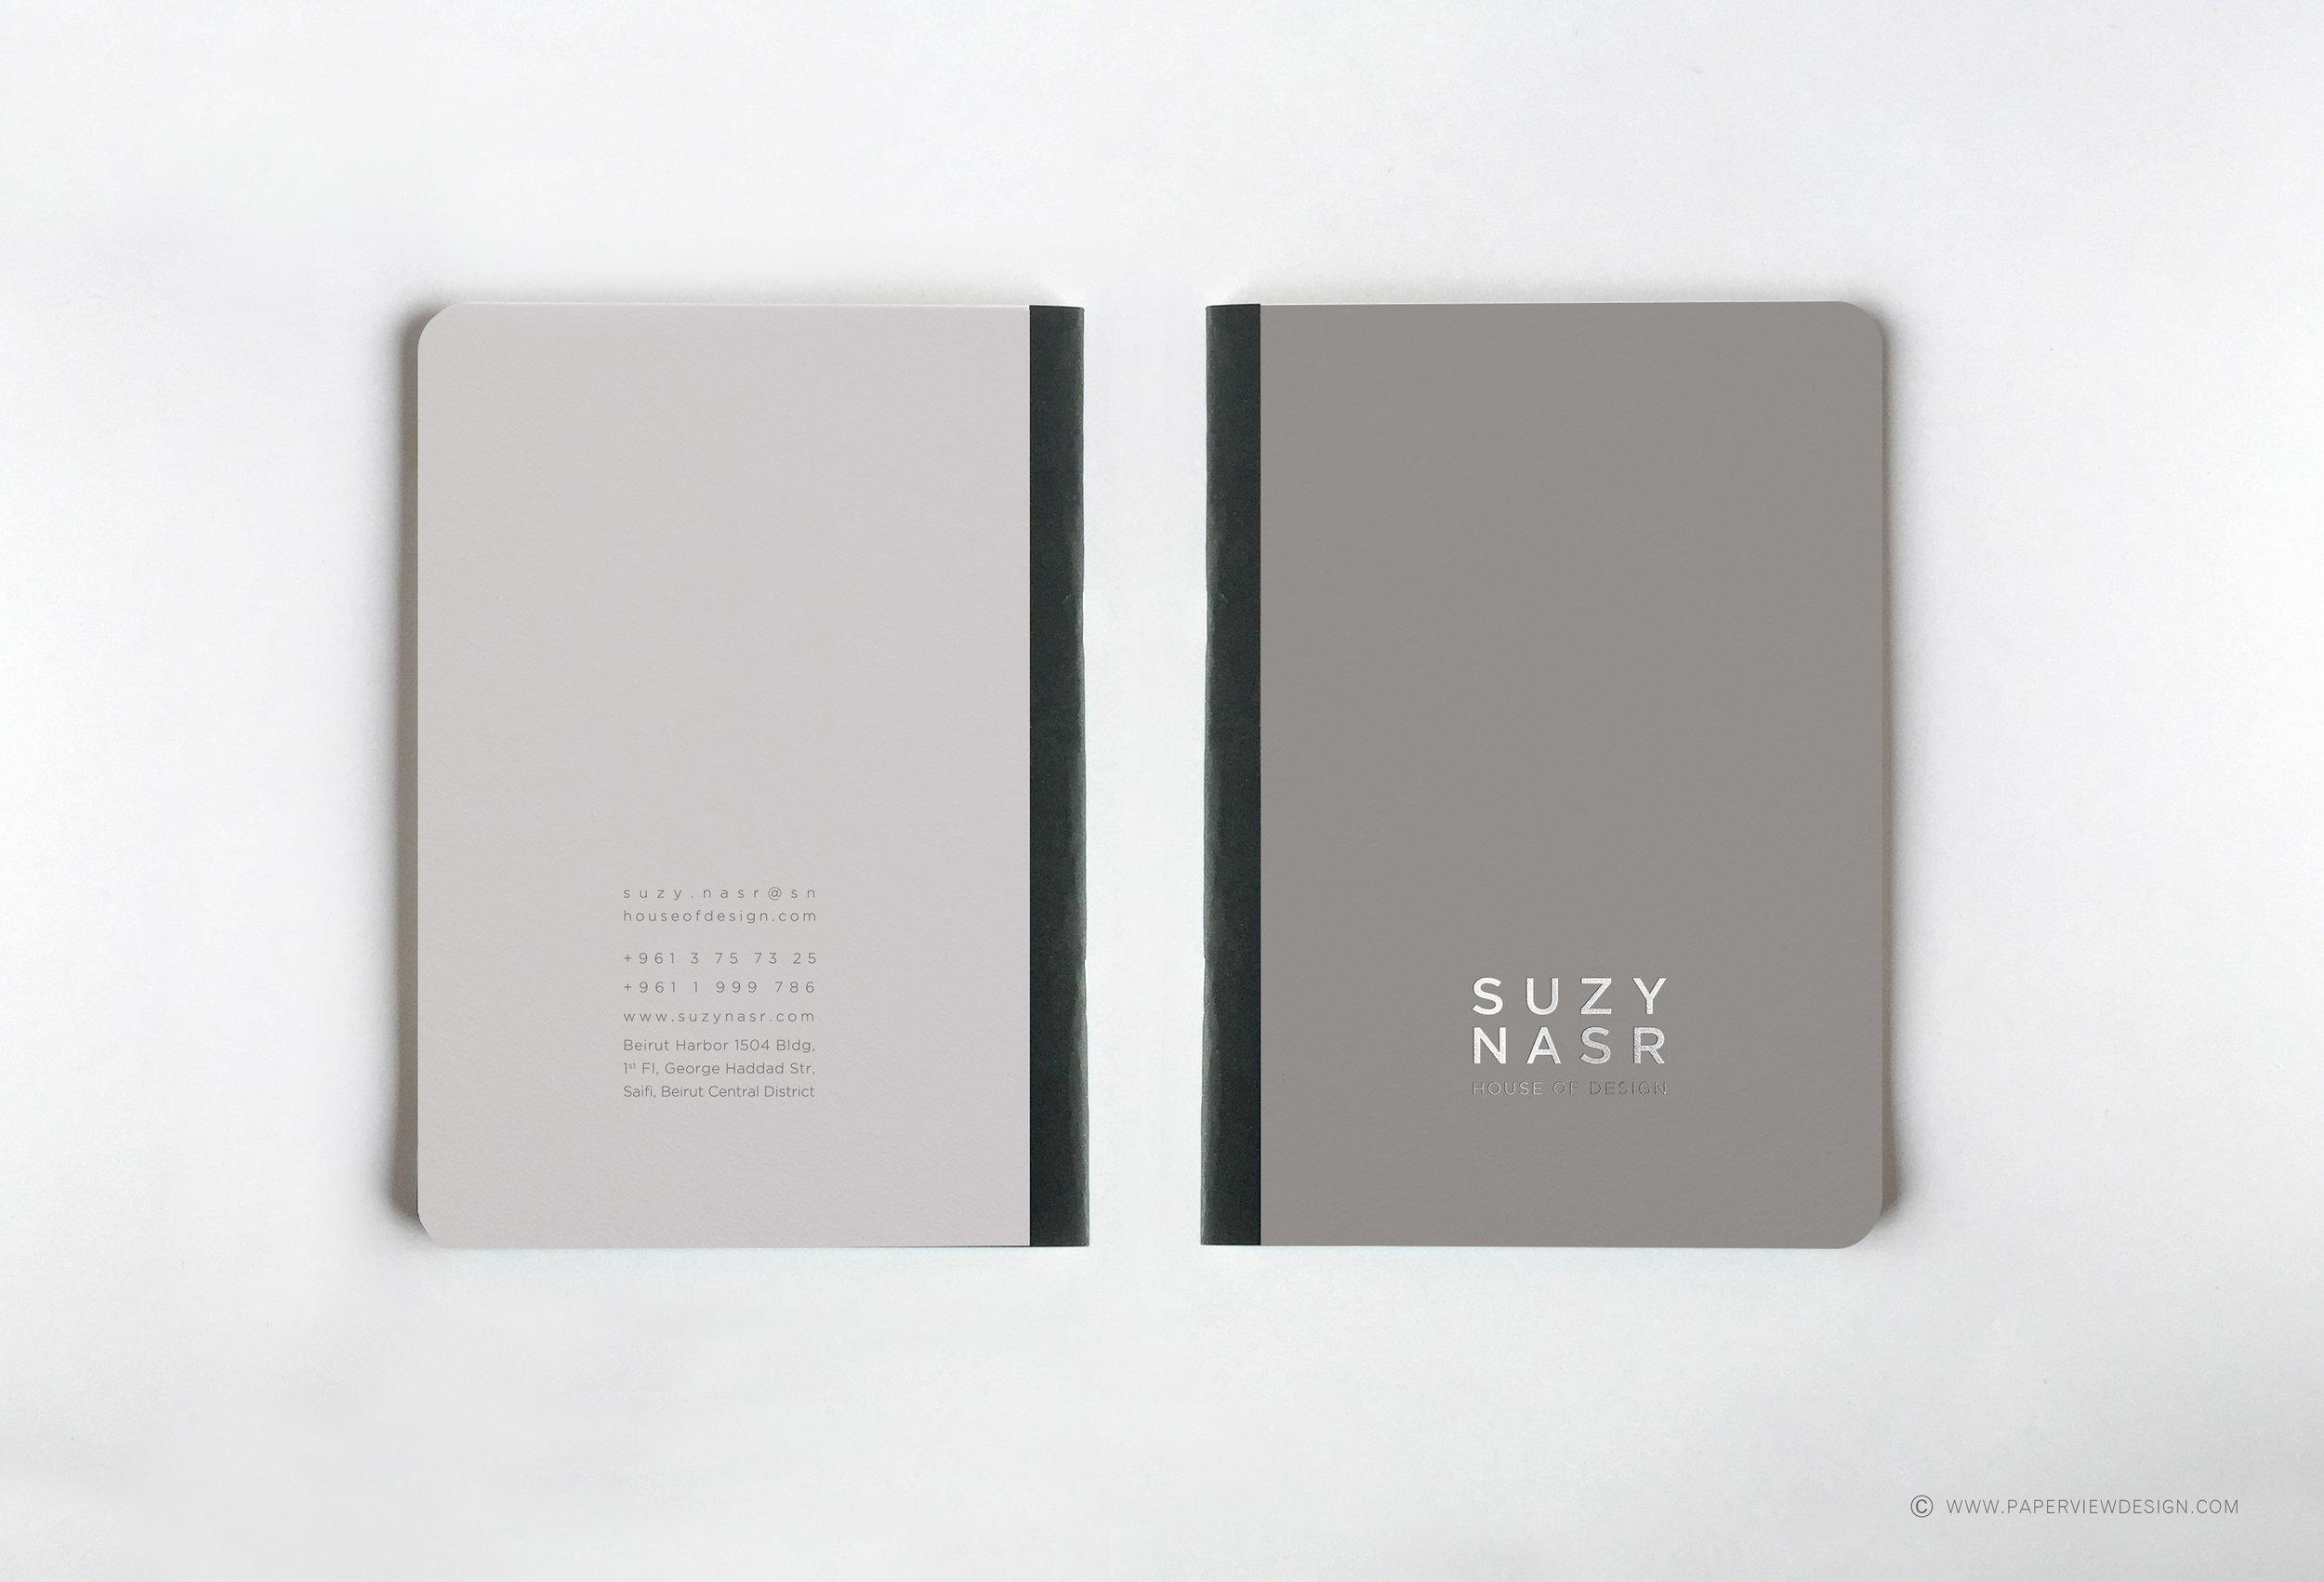 Suzy Nasr 3.jpg